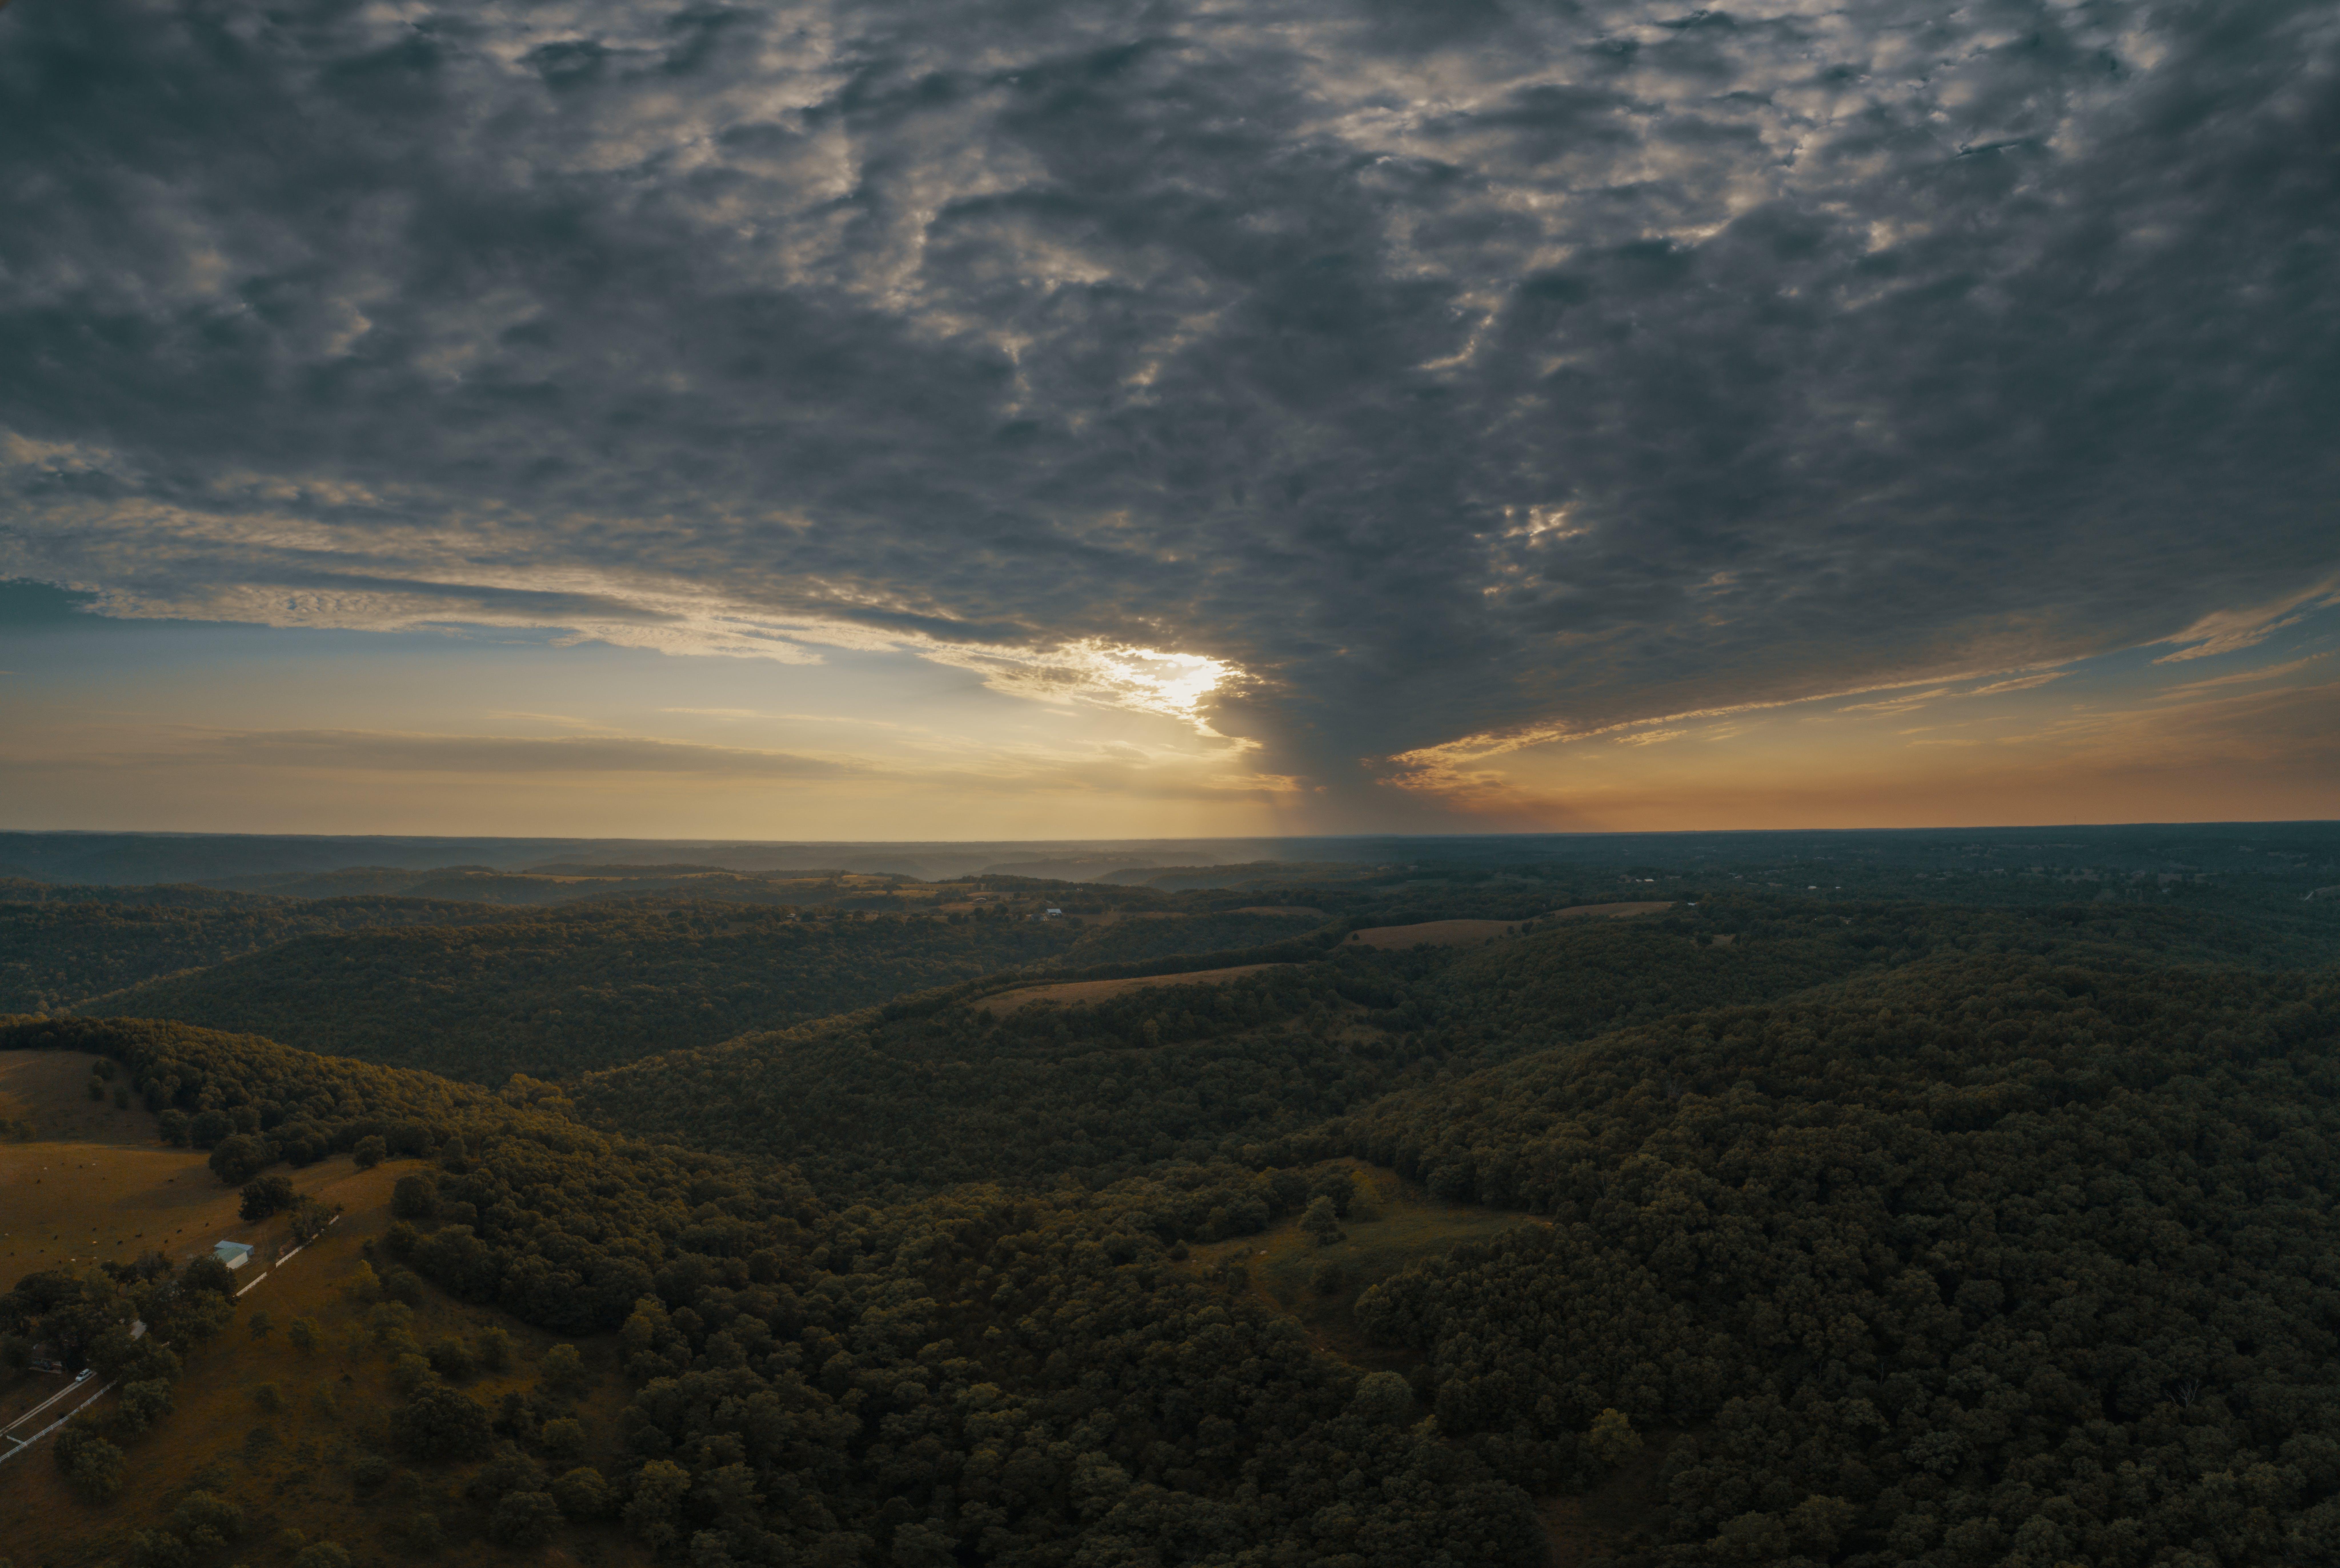 Kostenloses Stock Foto zu berg, dämmerung, himmel, landschaftlich